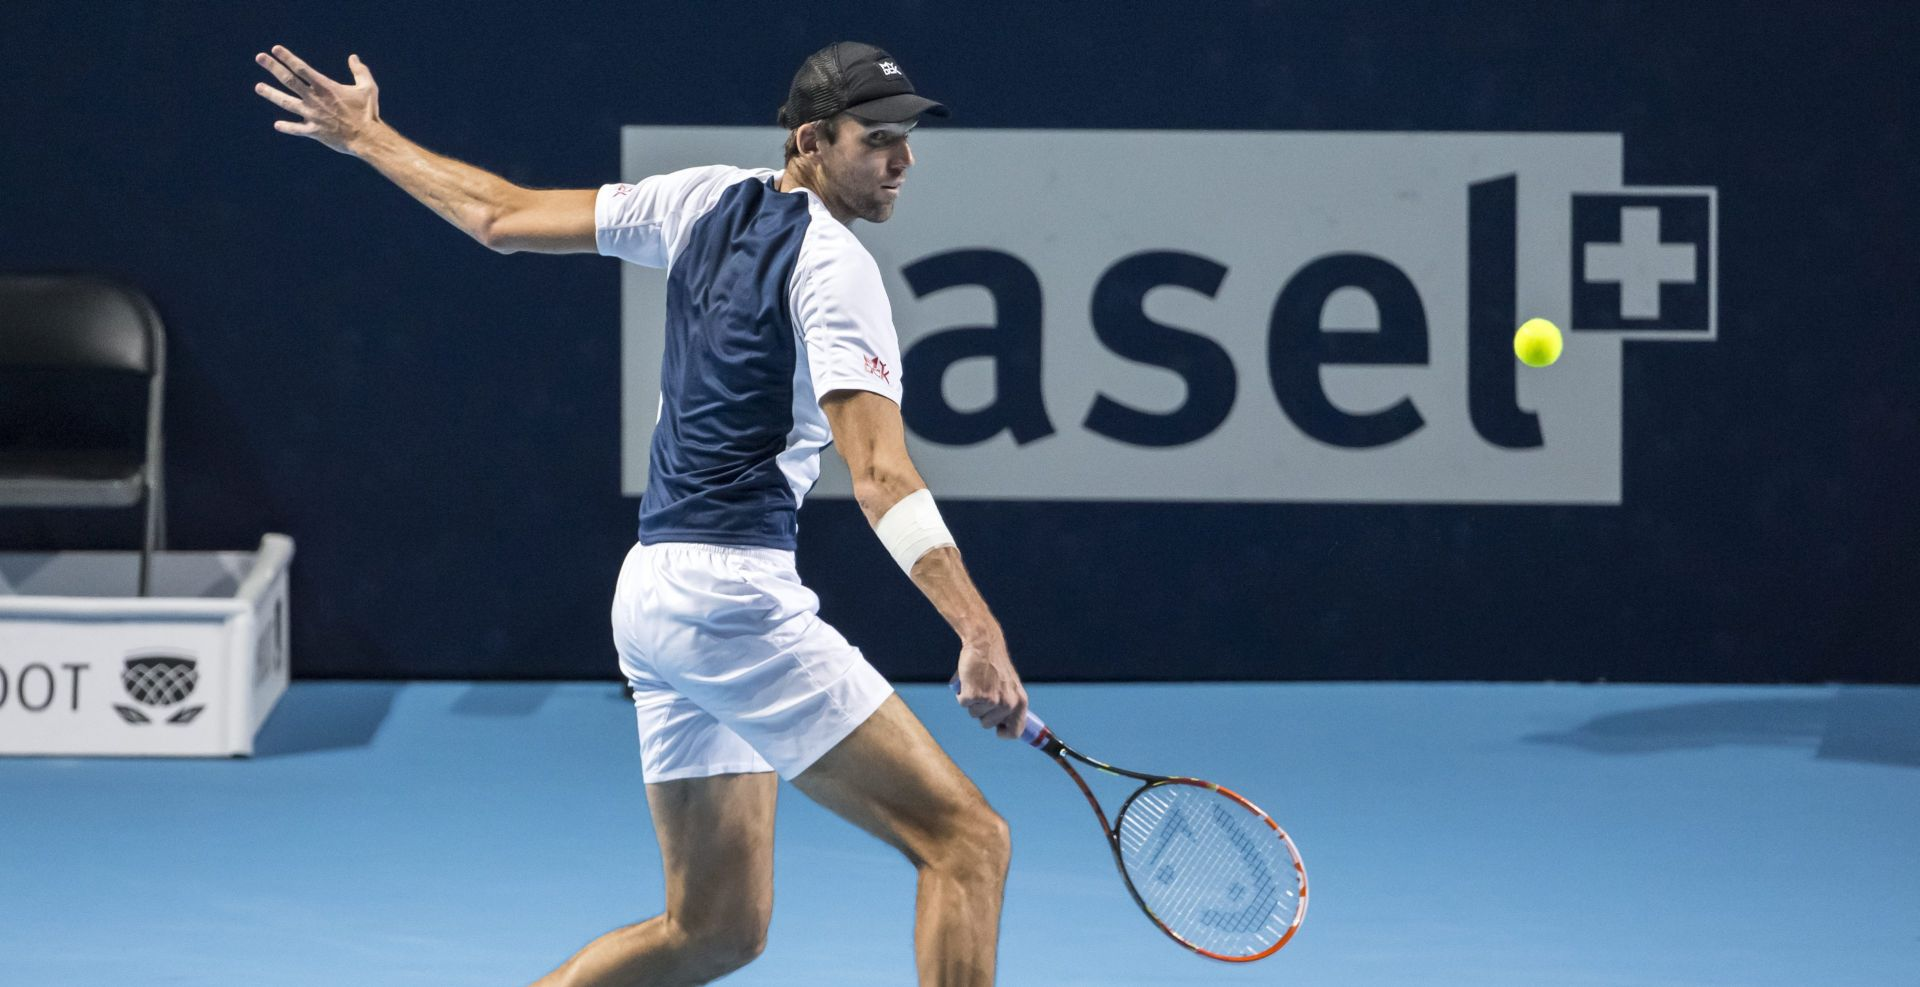 ATP BASEL Kraj za Karlovića, nakon dva i pol sata izgubio od Gasqueta